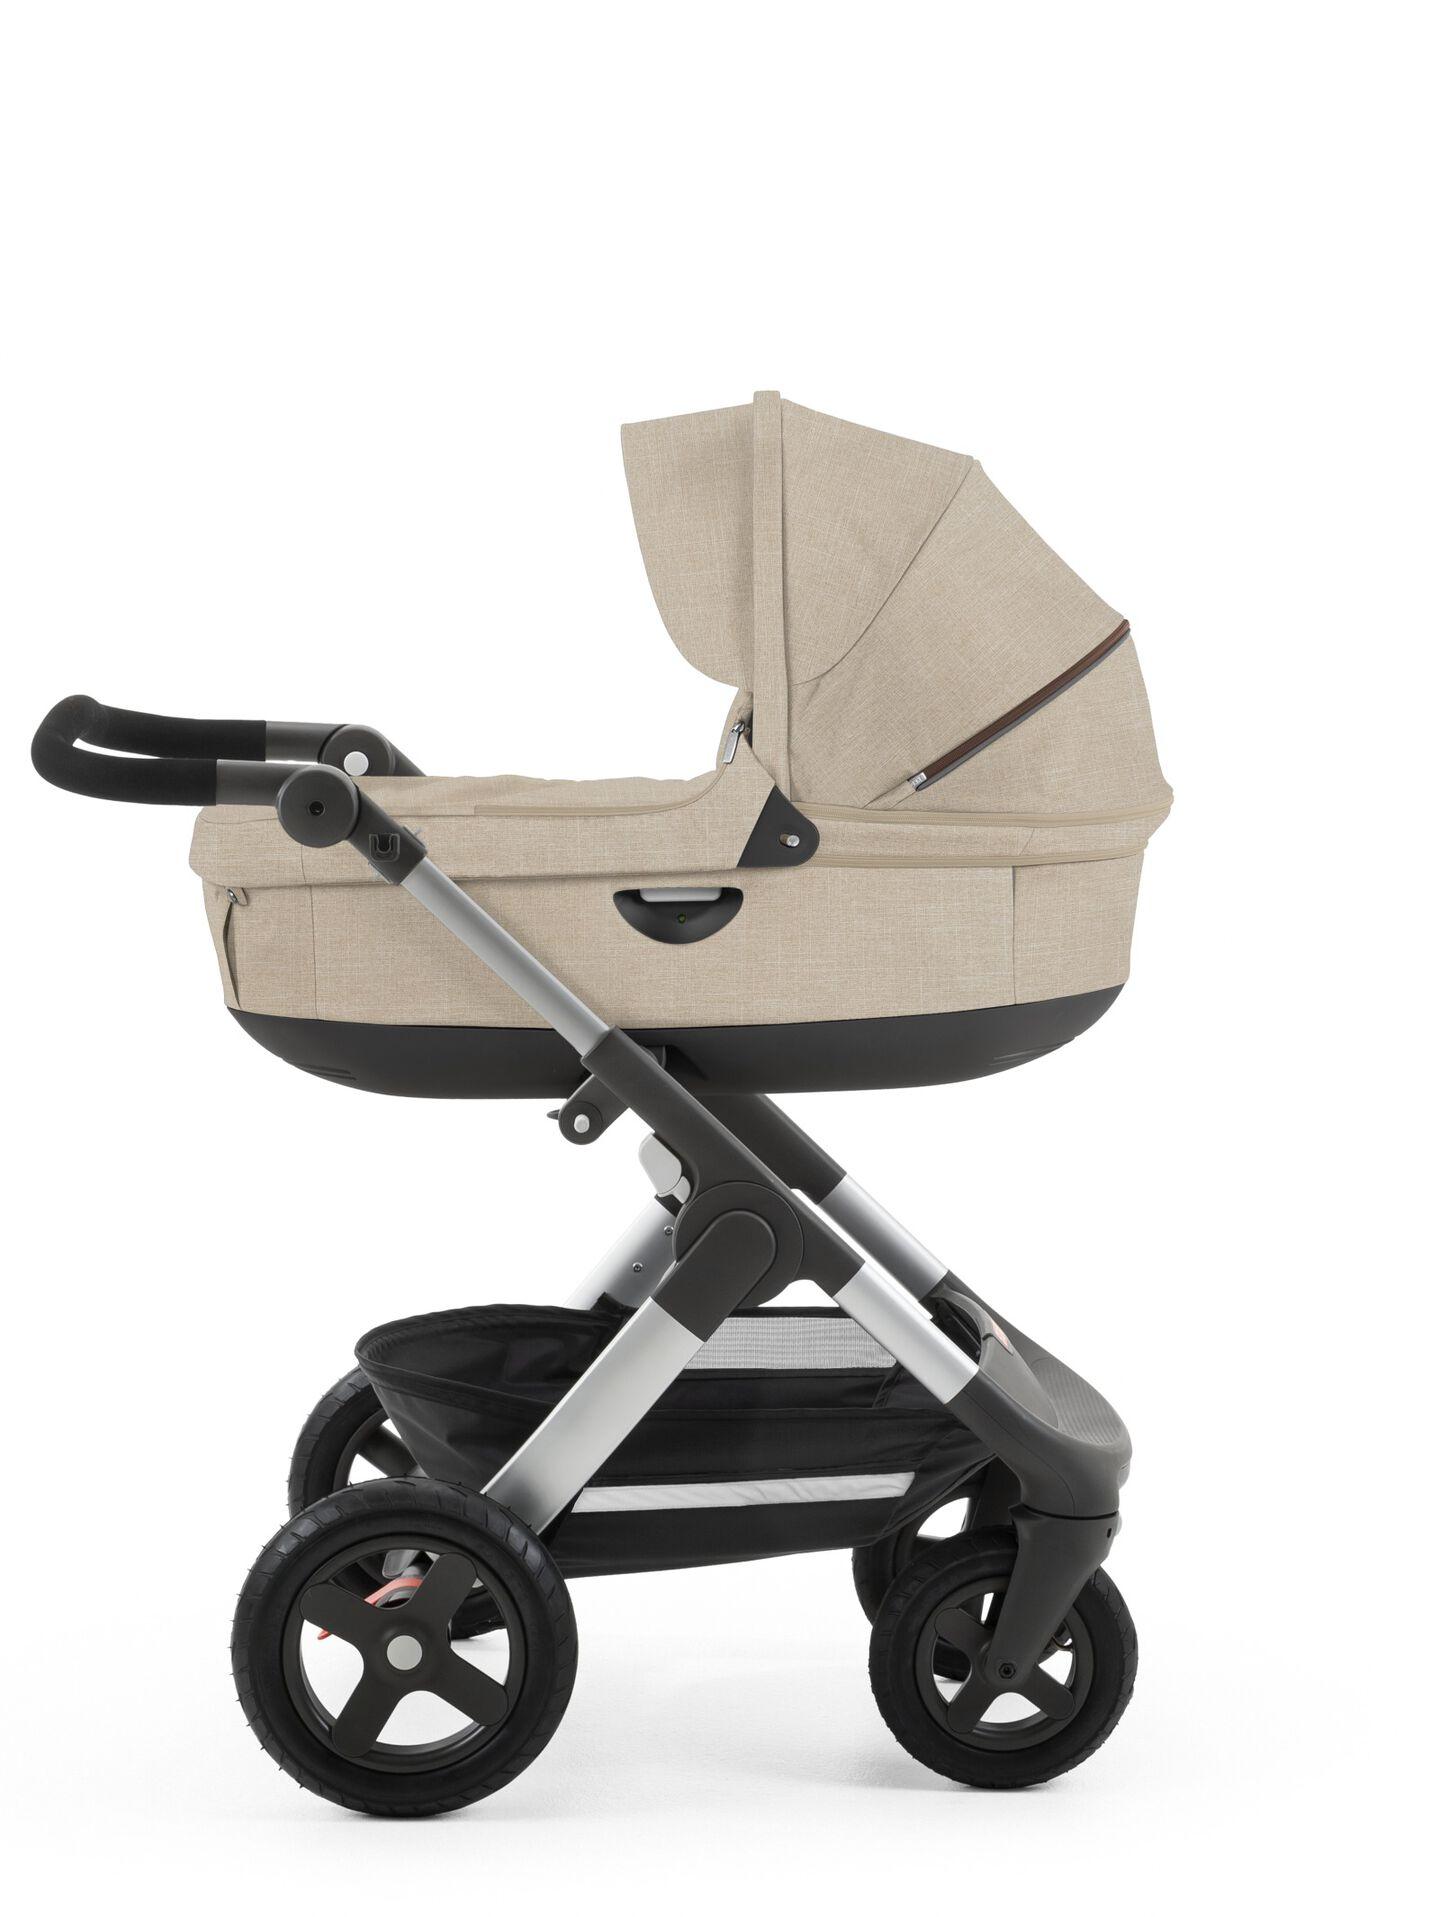 Stokke® Trailz™ with Stokke® Stroller Carry Cot Beige Melange.